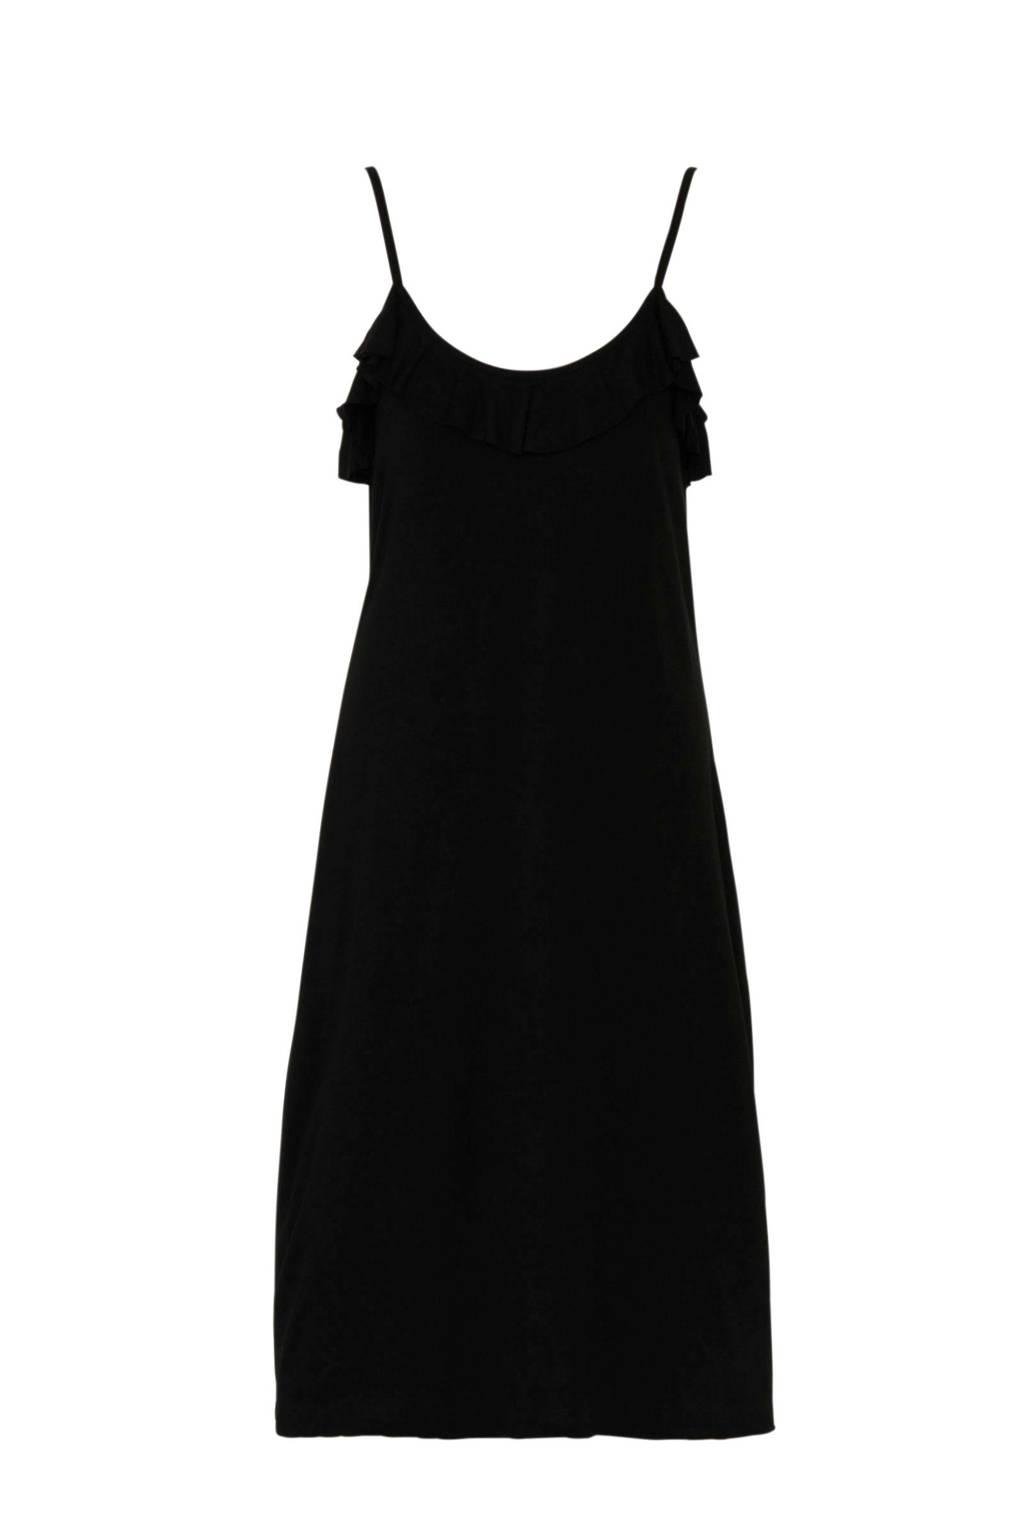 whkmp's beachwave jurk zwart, Zwart